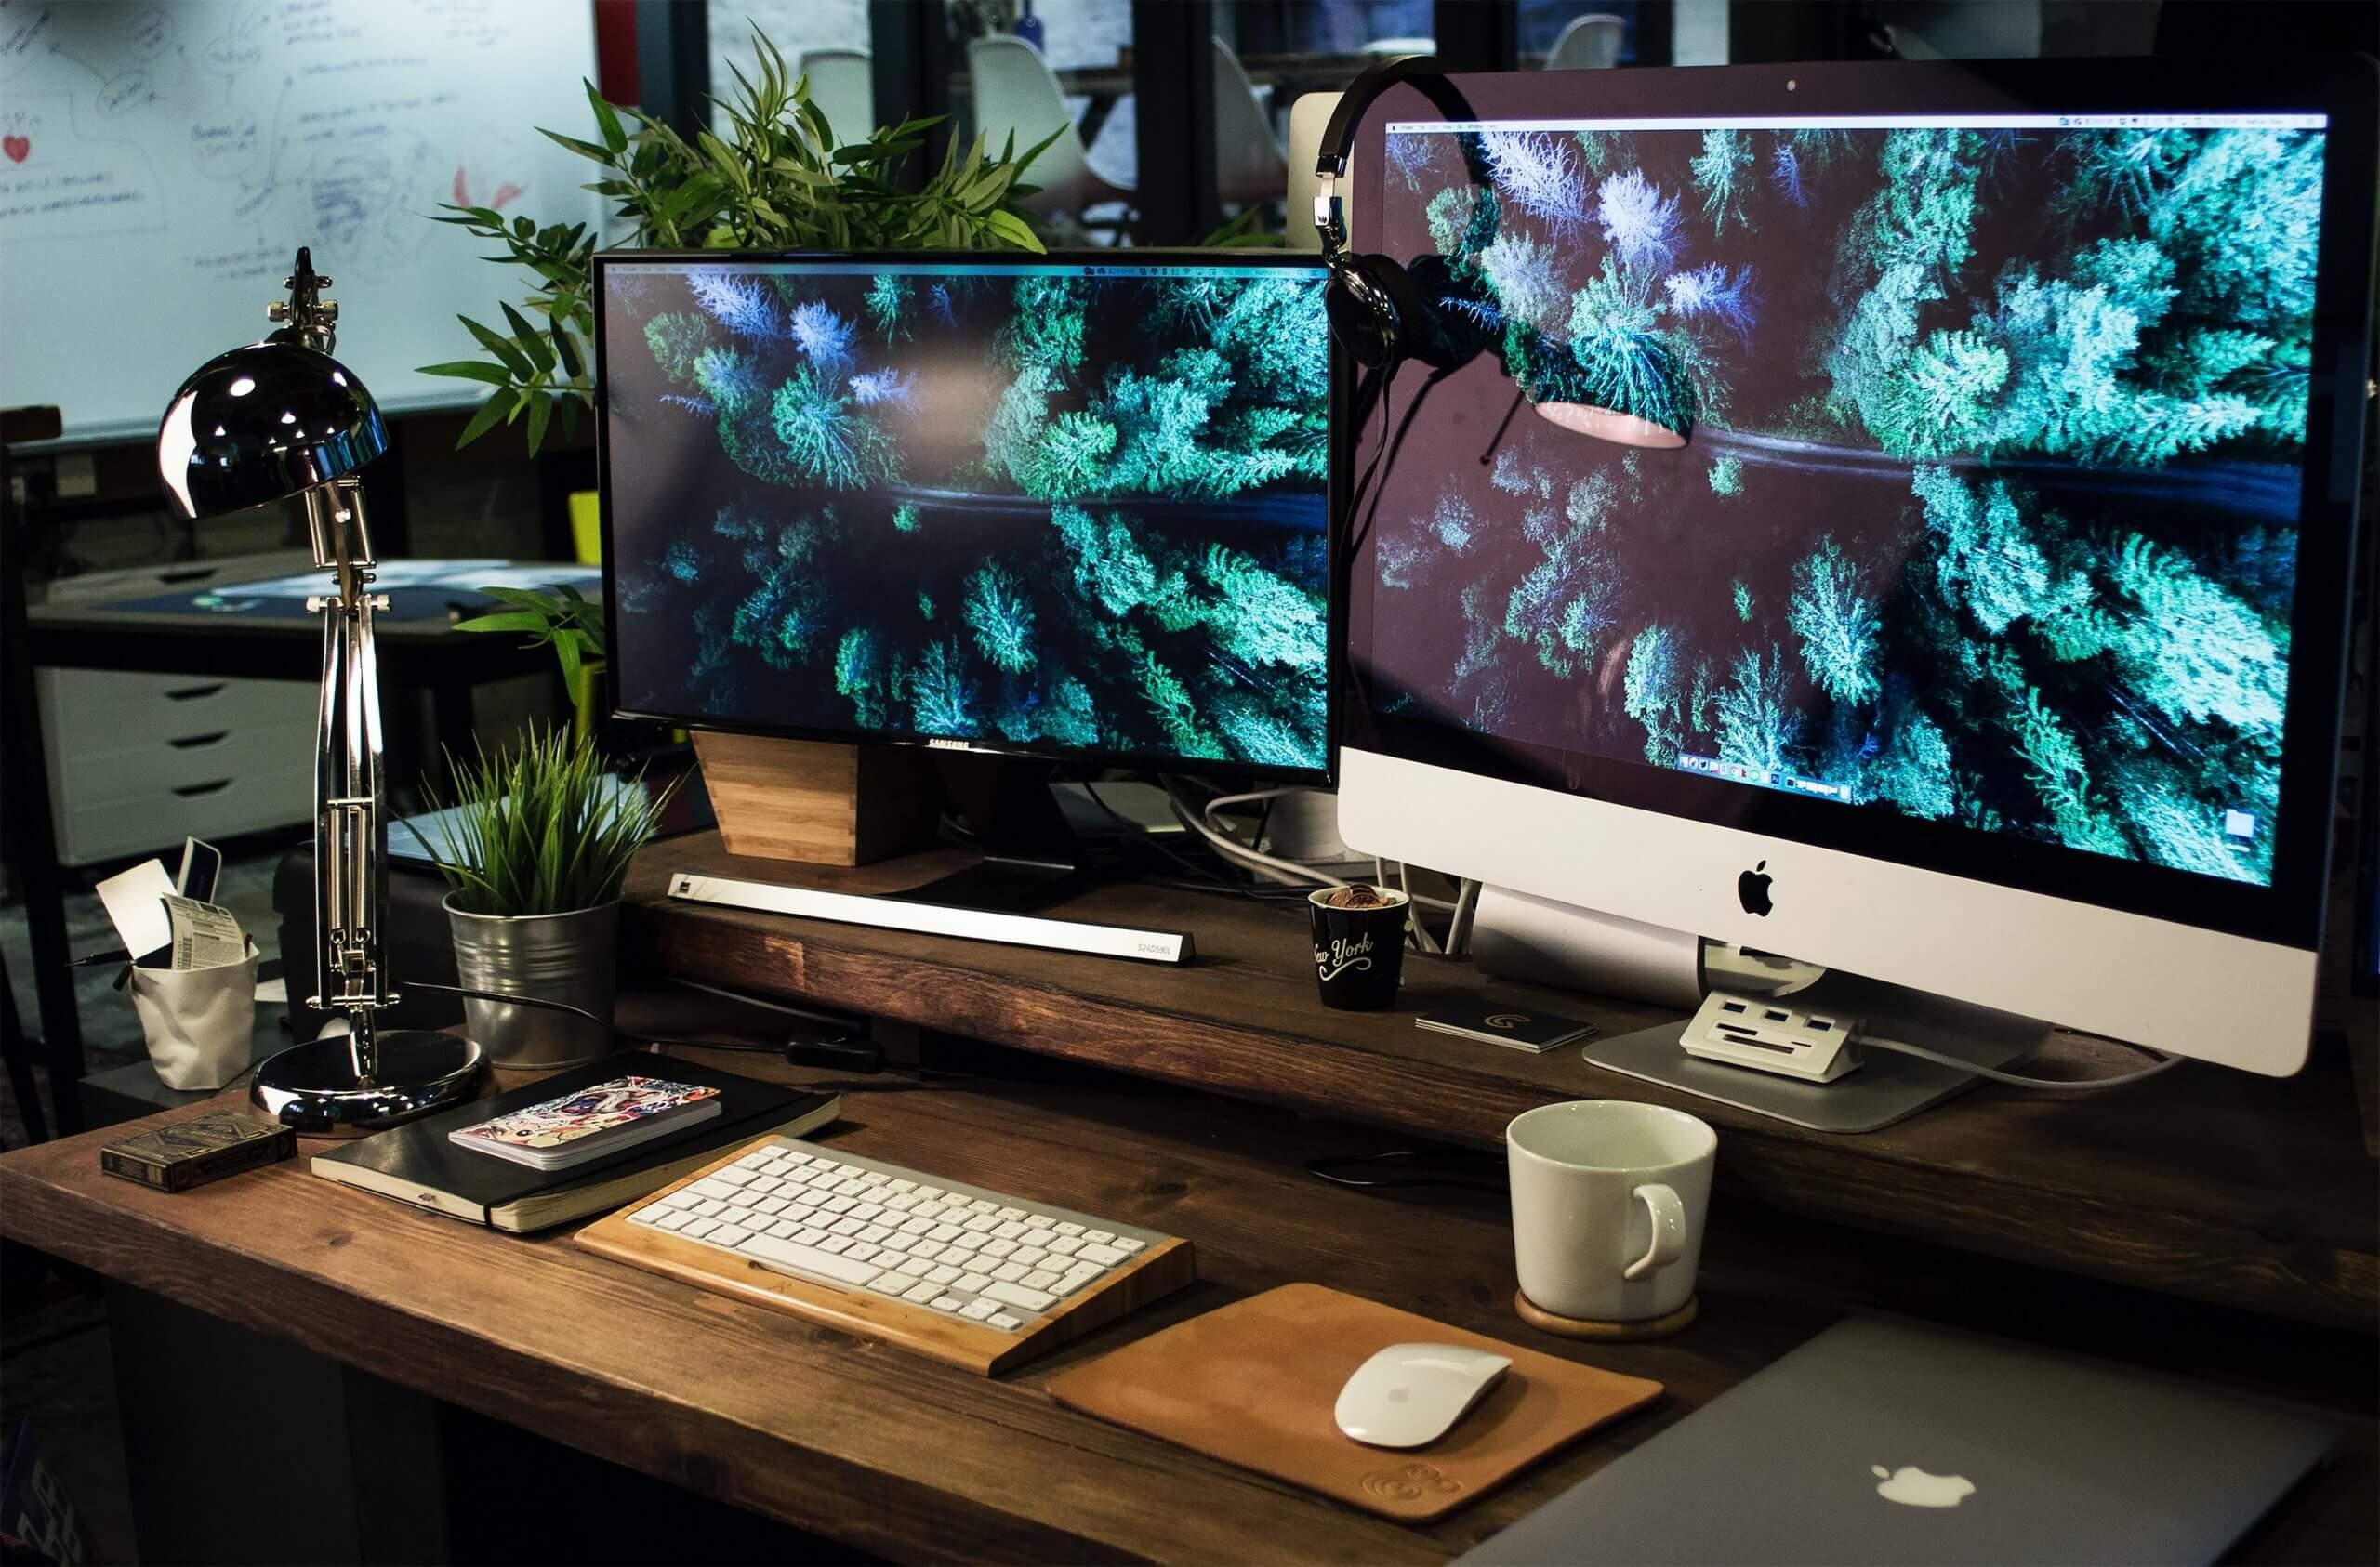 2 monitors sit side by side on a desk